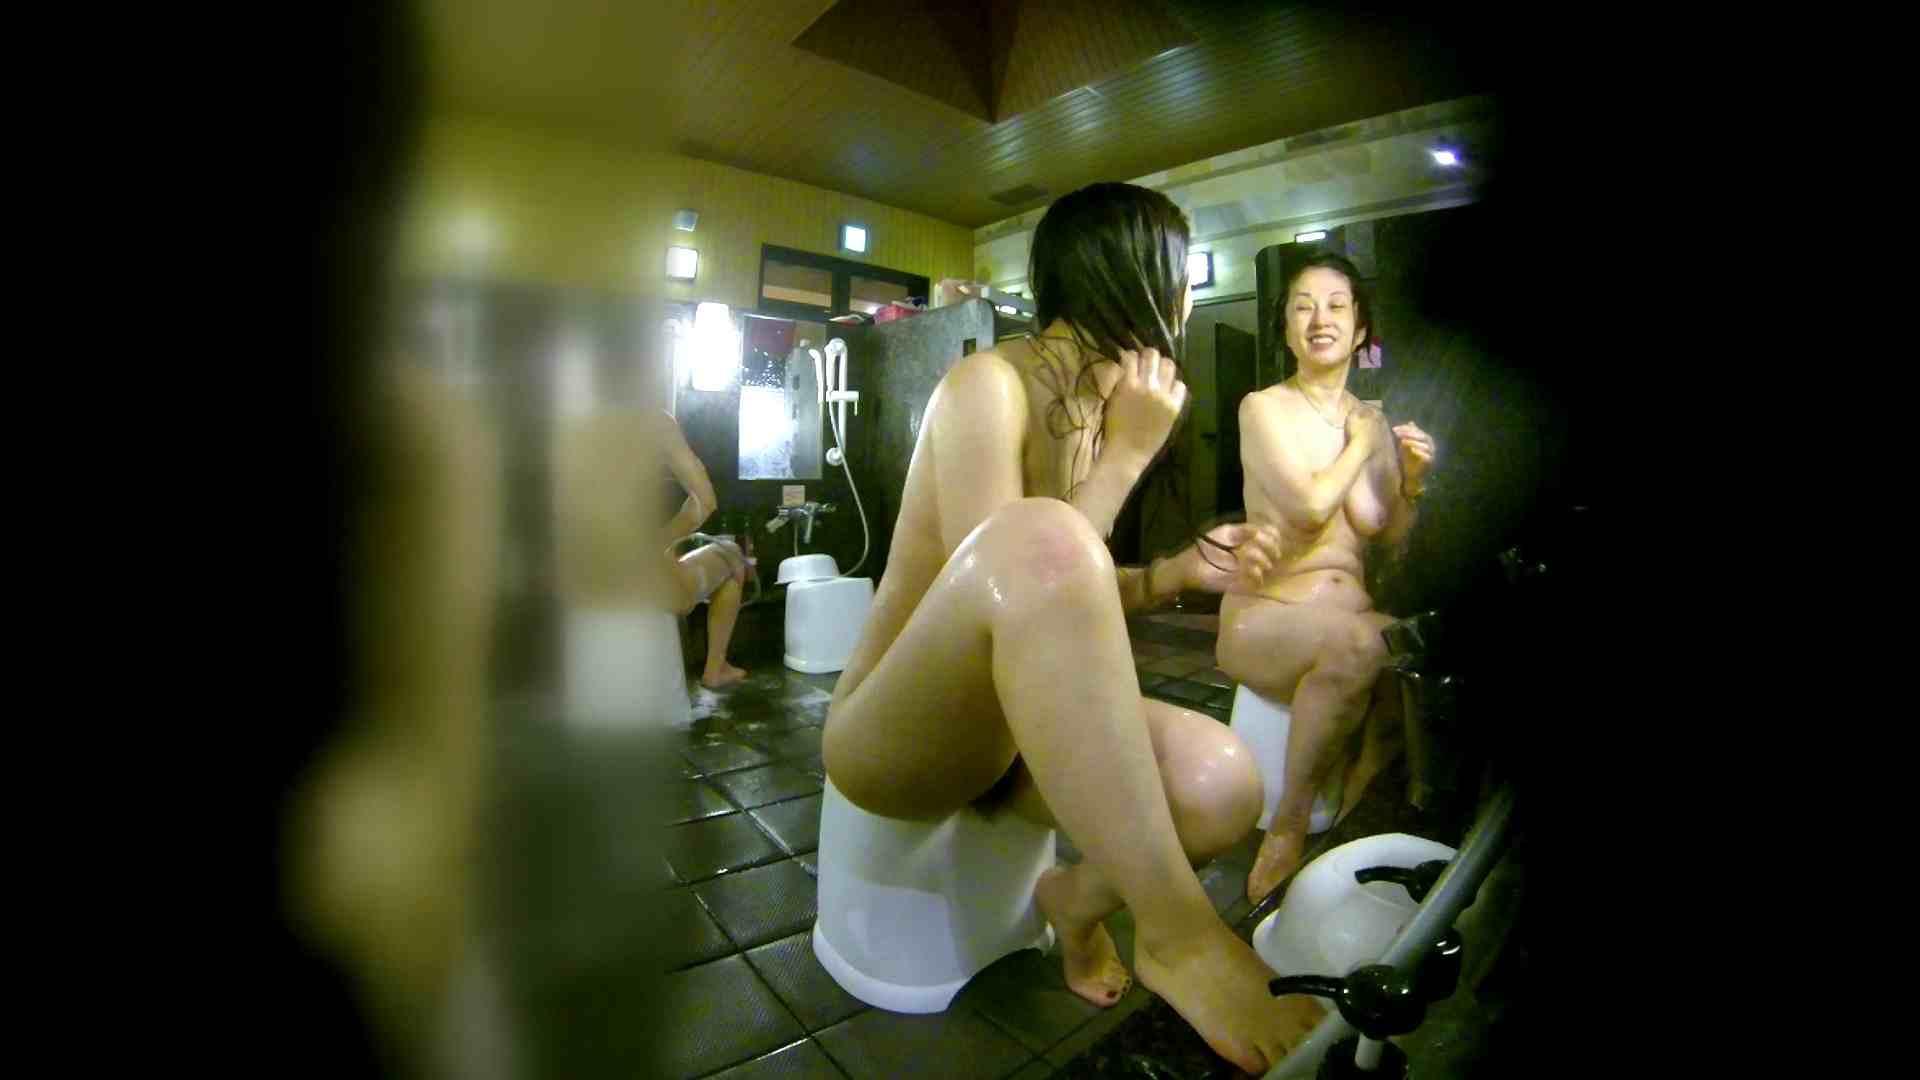 洗い場!右足の位置がいいですね。陰毛もっさり! 潜入 おまんこ動画流出 113pic 41